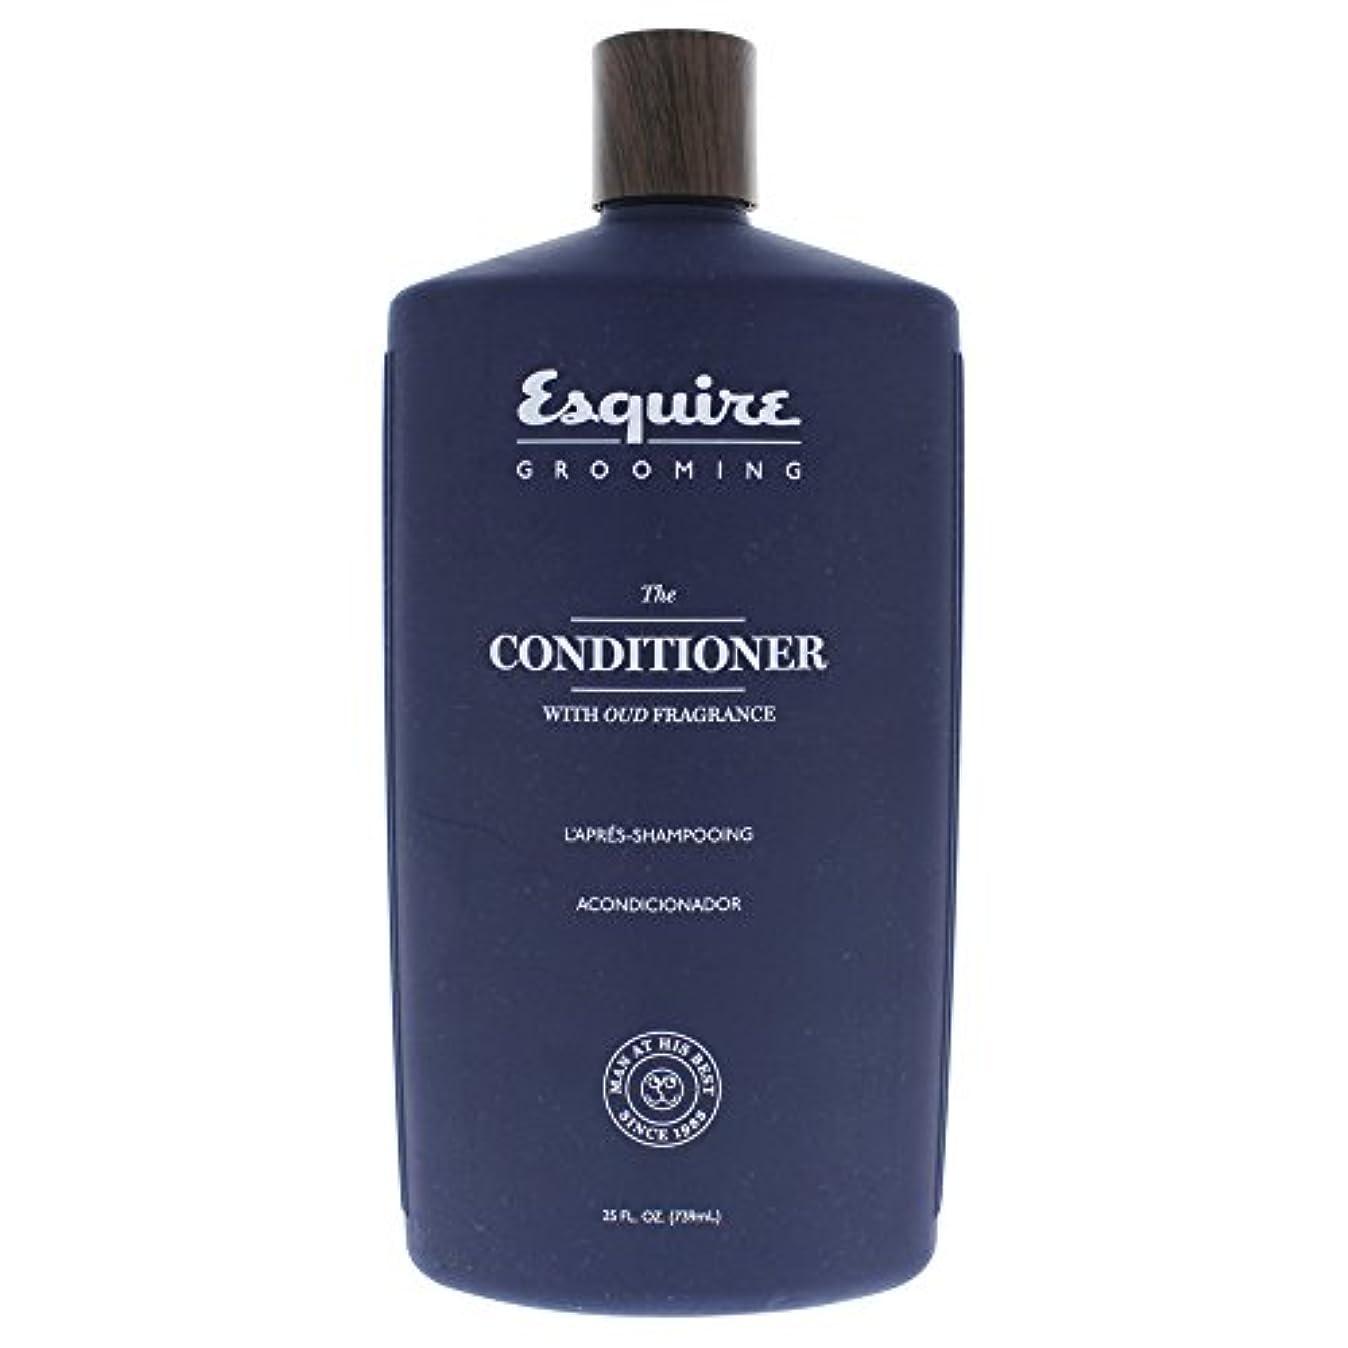 検査連結する引用CHI Esquire Grooming The Conditioner 739ml/25oz並行輸入品